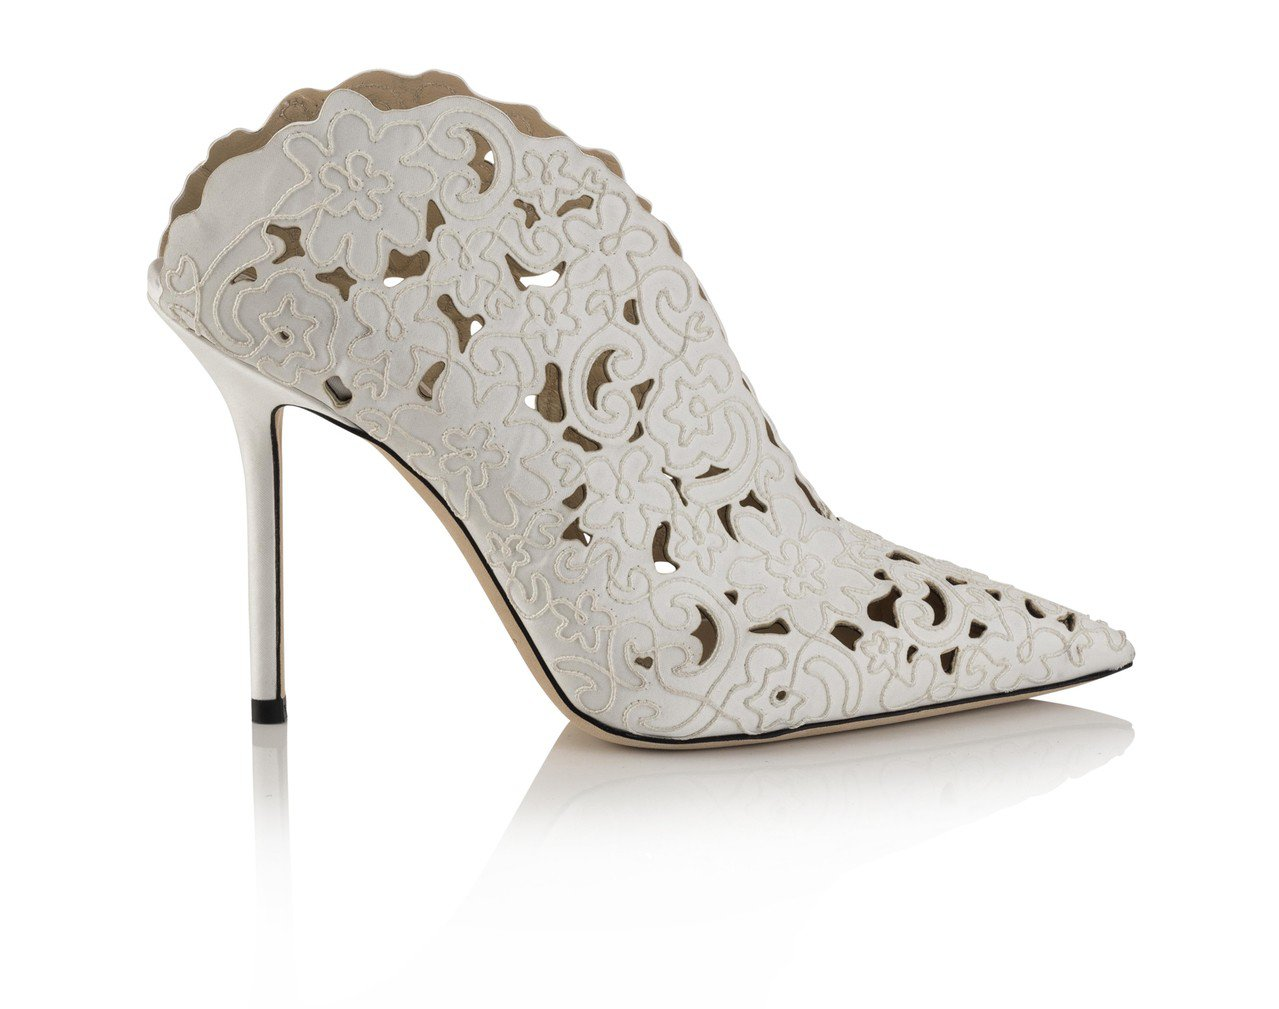 鏤空雕花的LORIS踝靴,清新浪漫。圖/藍鐘提供